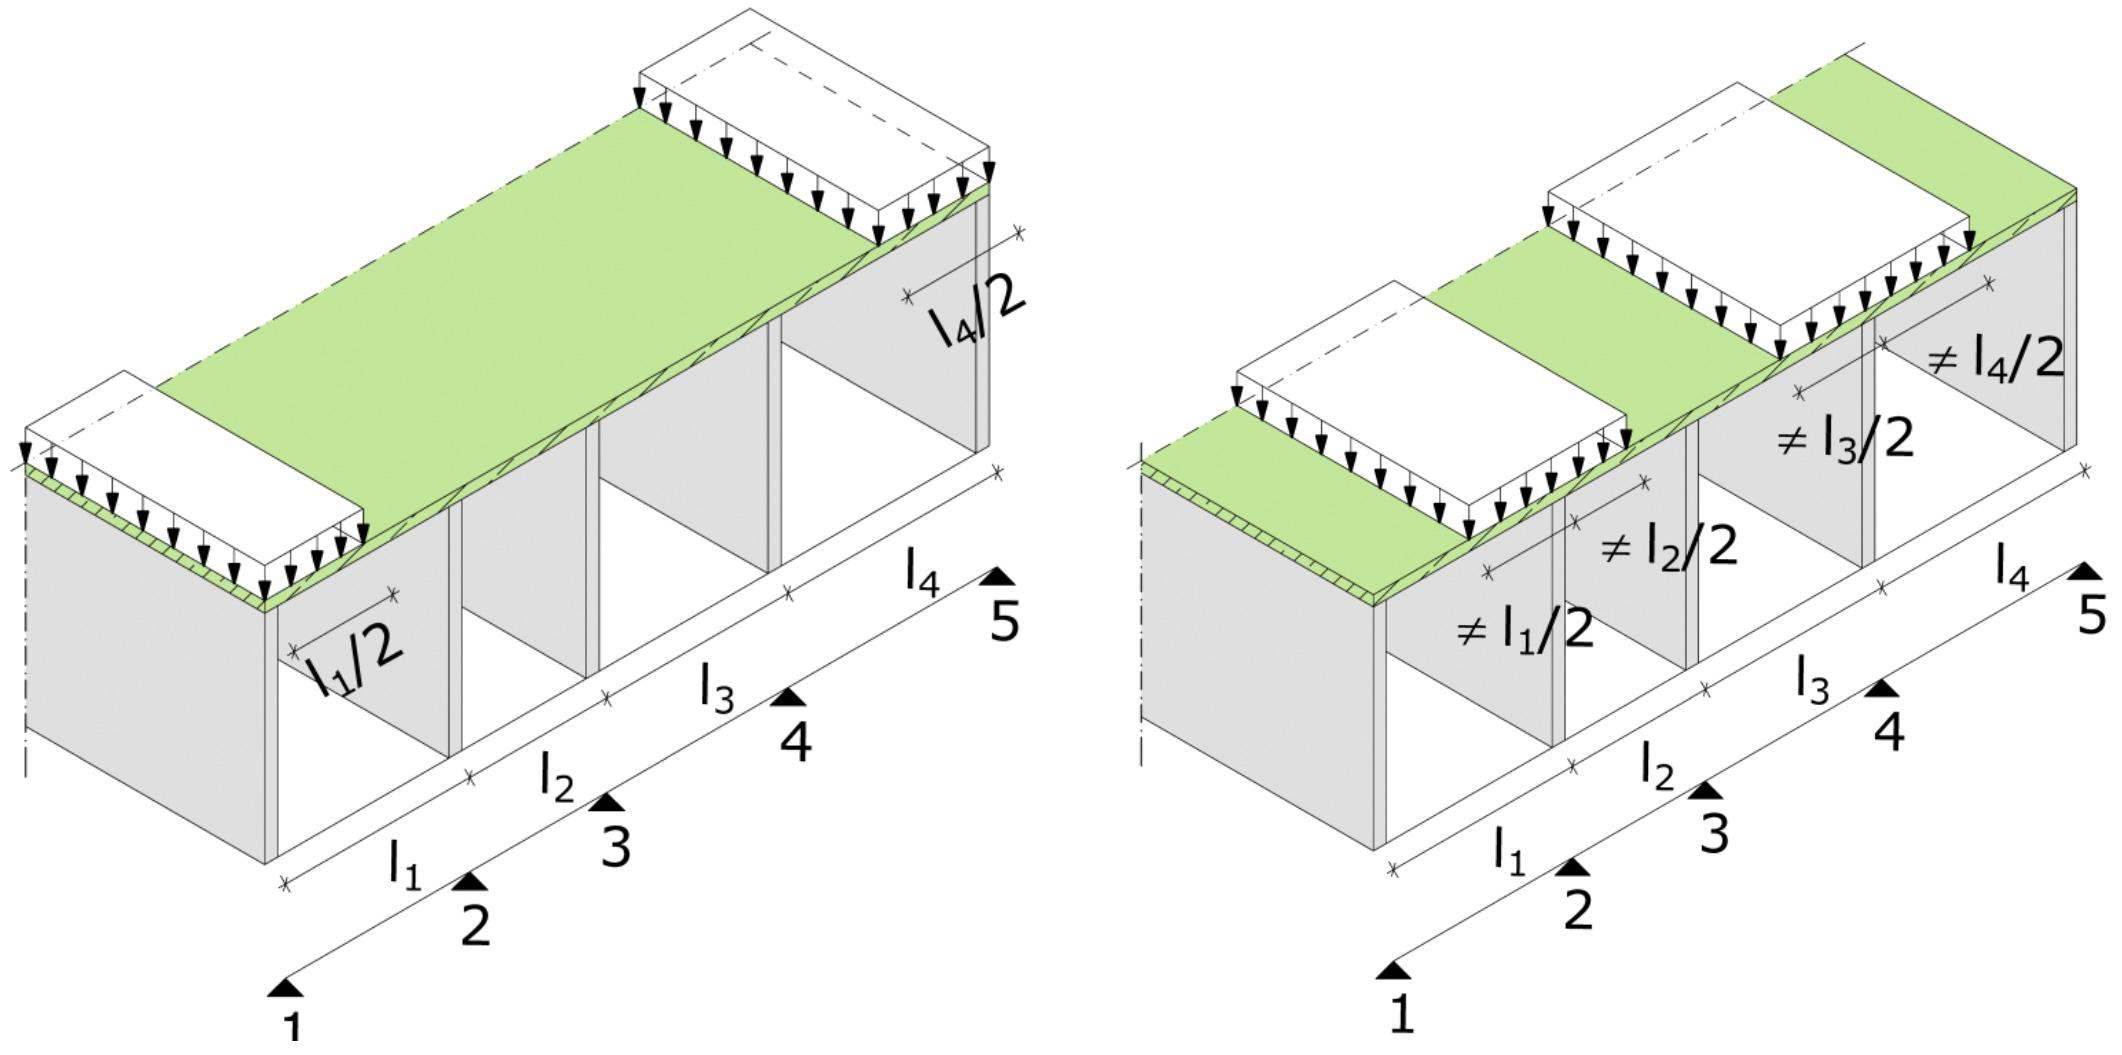 4 2 1 einachsig und zweiachsig gespannte decken mauerwerksbaulehre. Black Bedroom Furniture Sets. Home Design Ideas